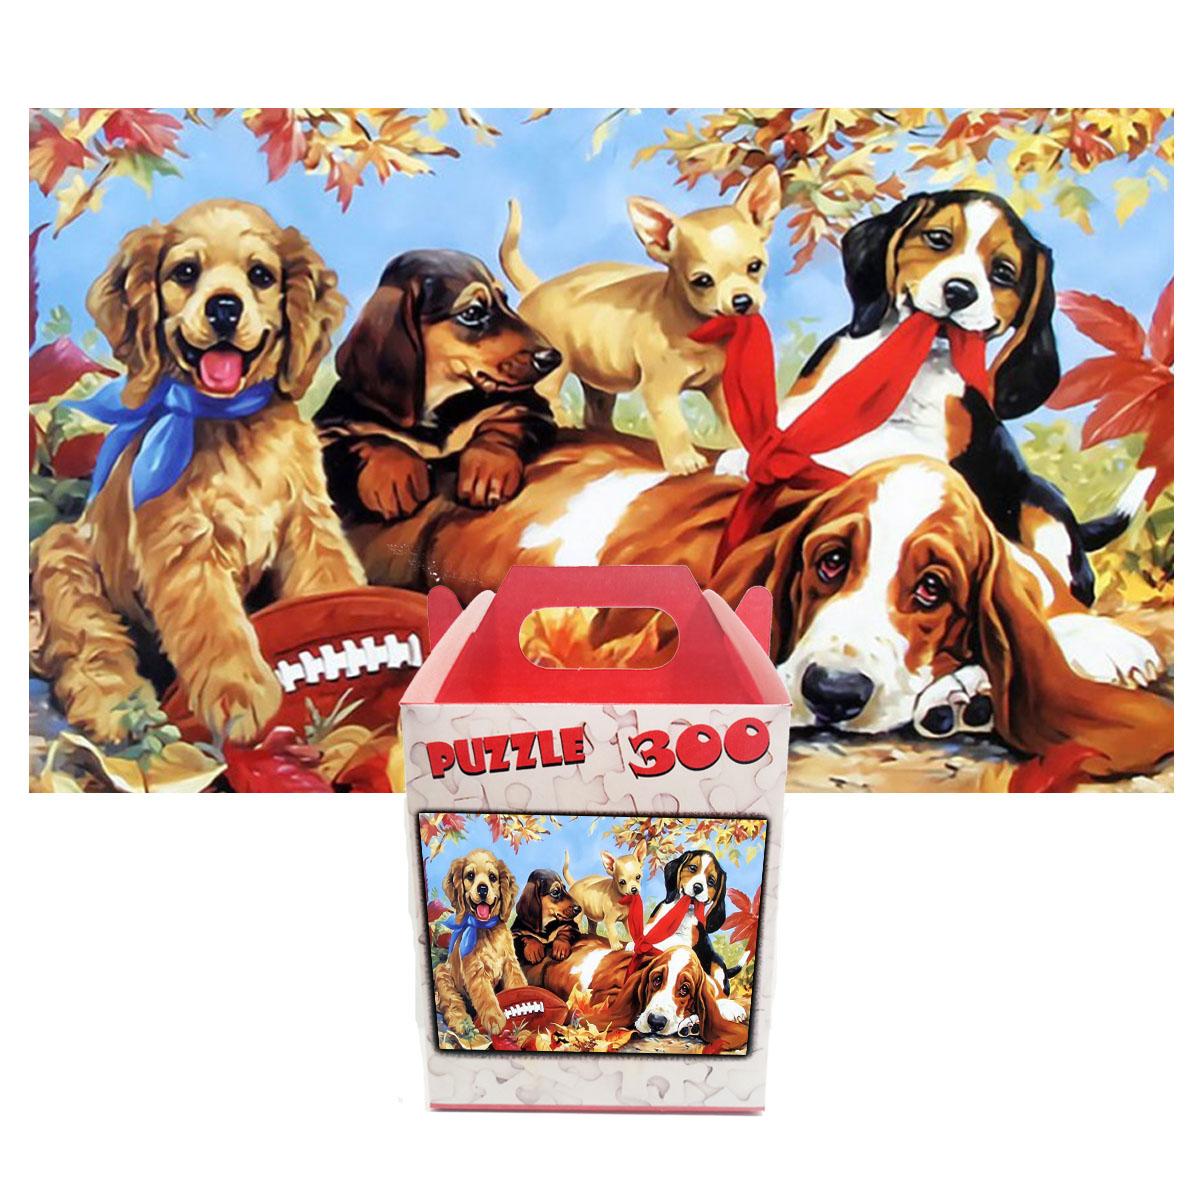 Quebra-cabeça decorativo pintura Pets Felizes de 300 peças